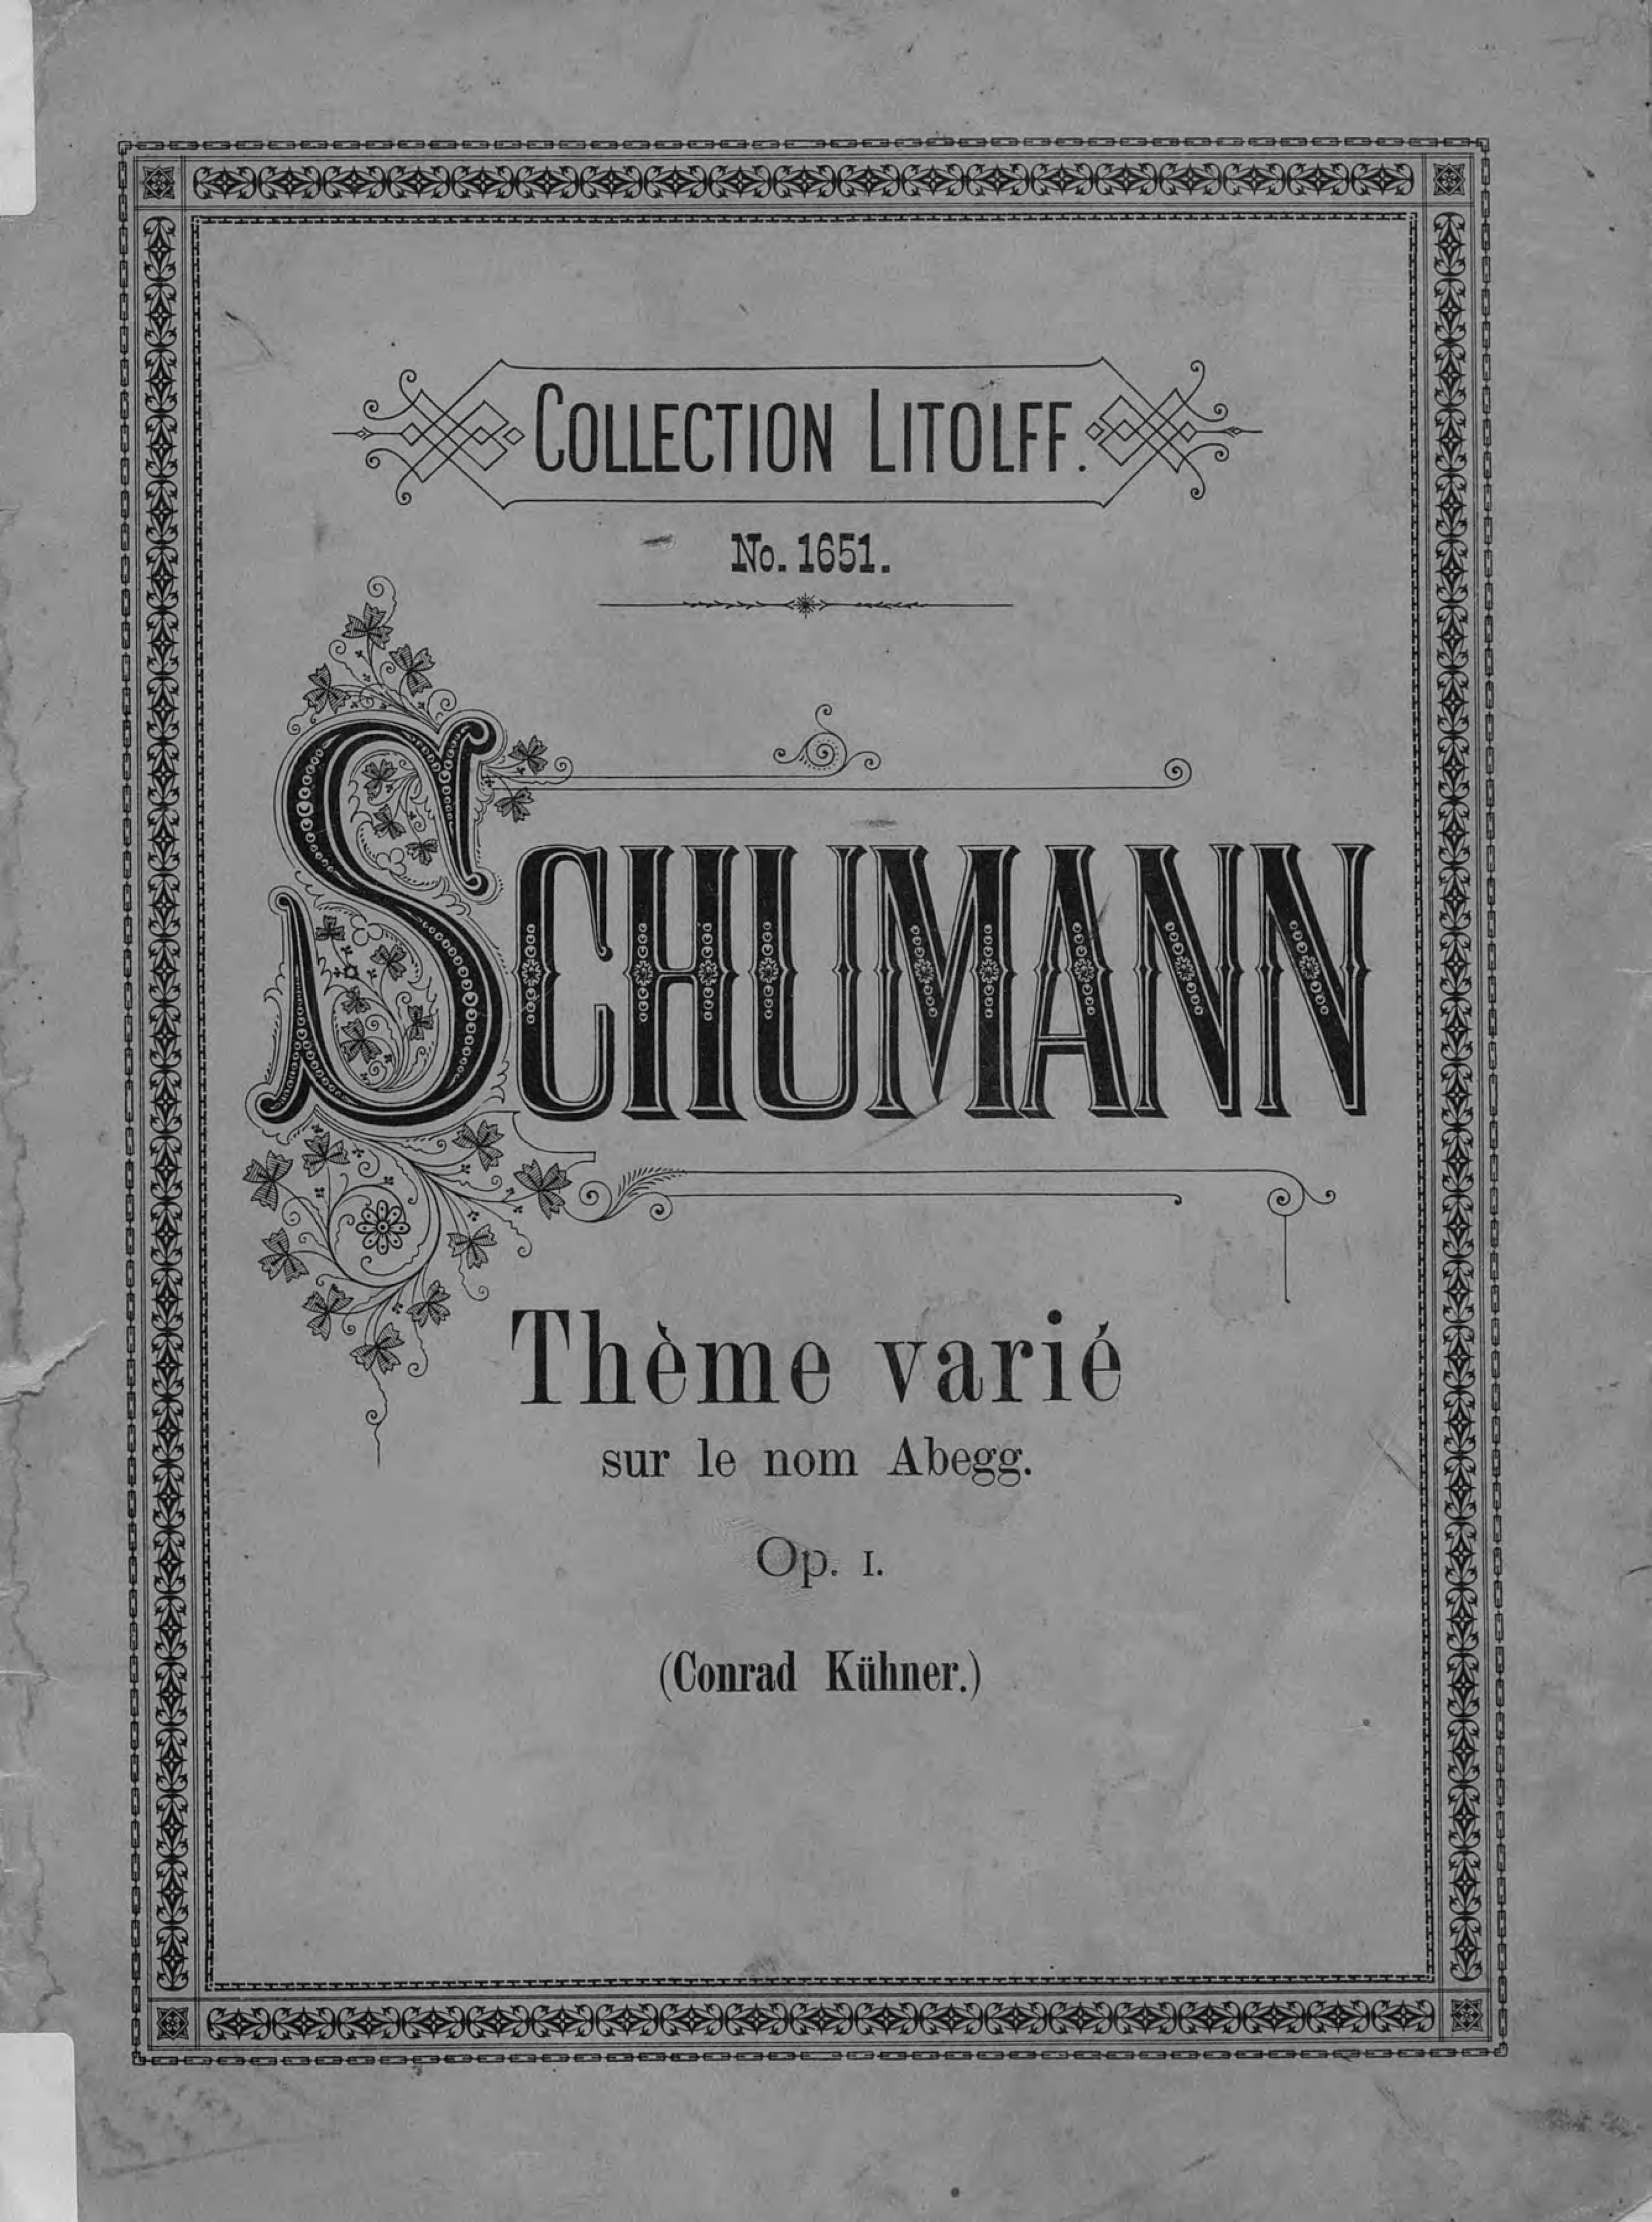 Роберт Шуман Theme varie sur le nom Abegg c chaminade theme varie op 89